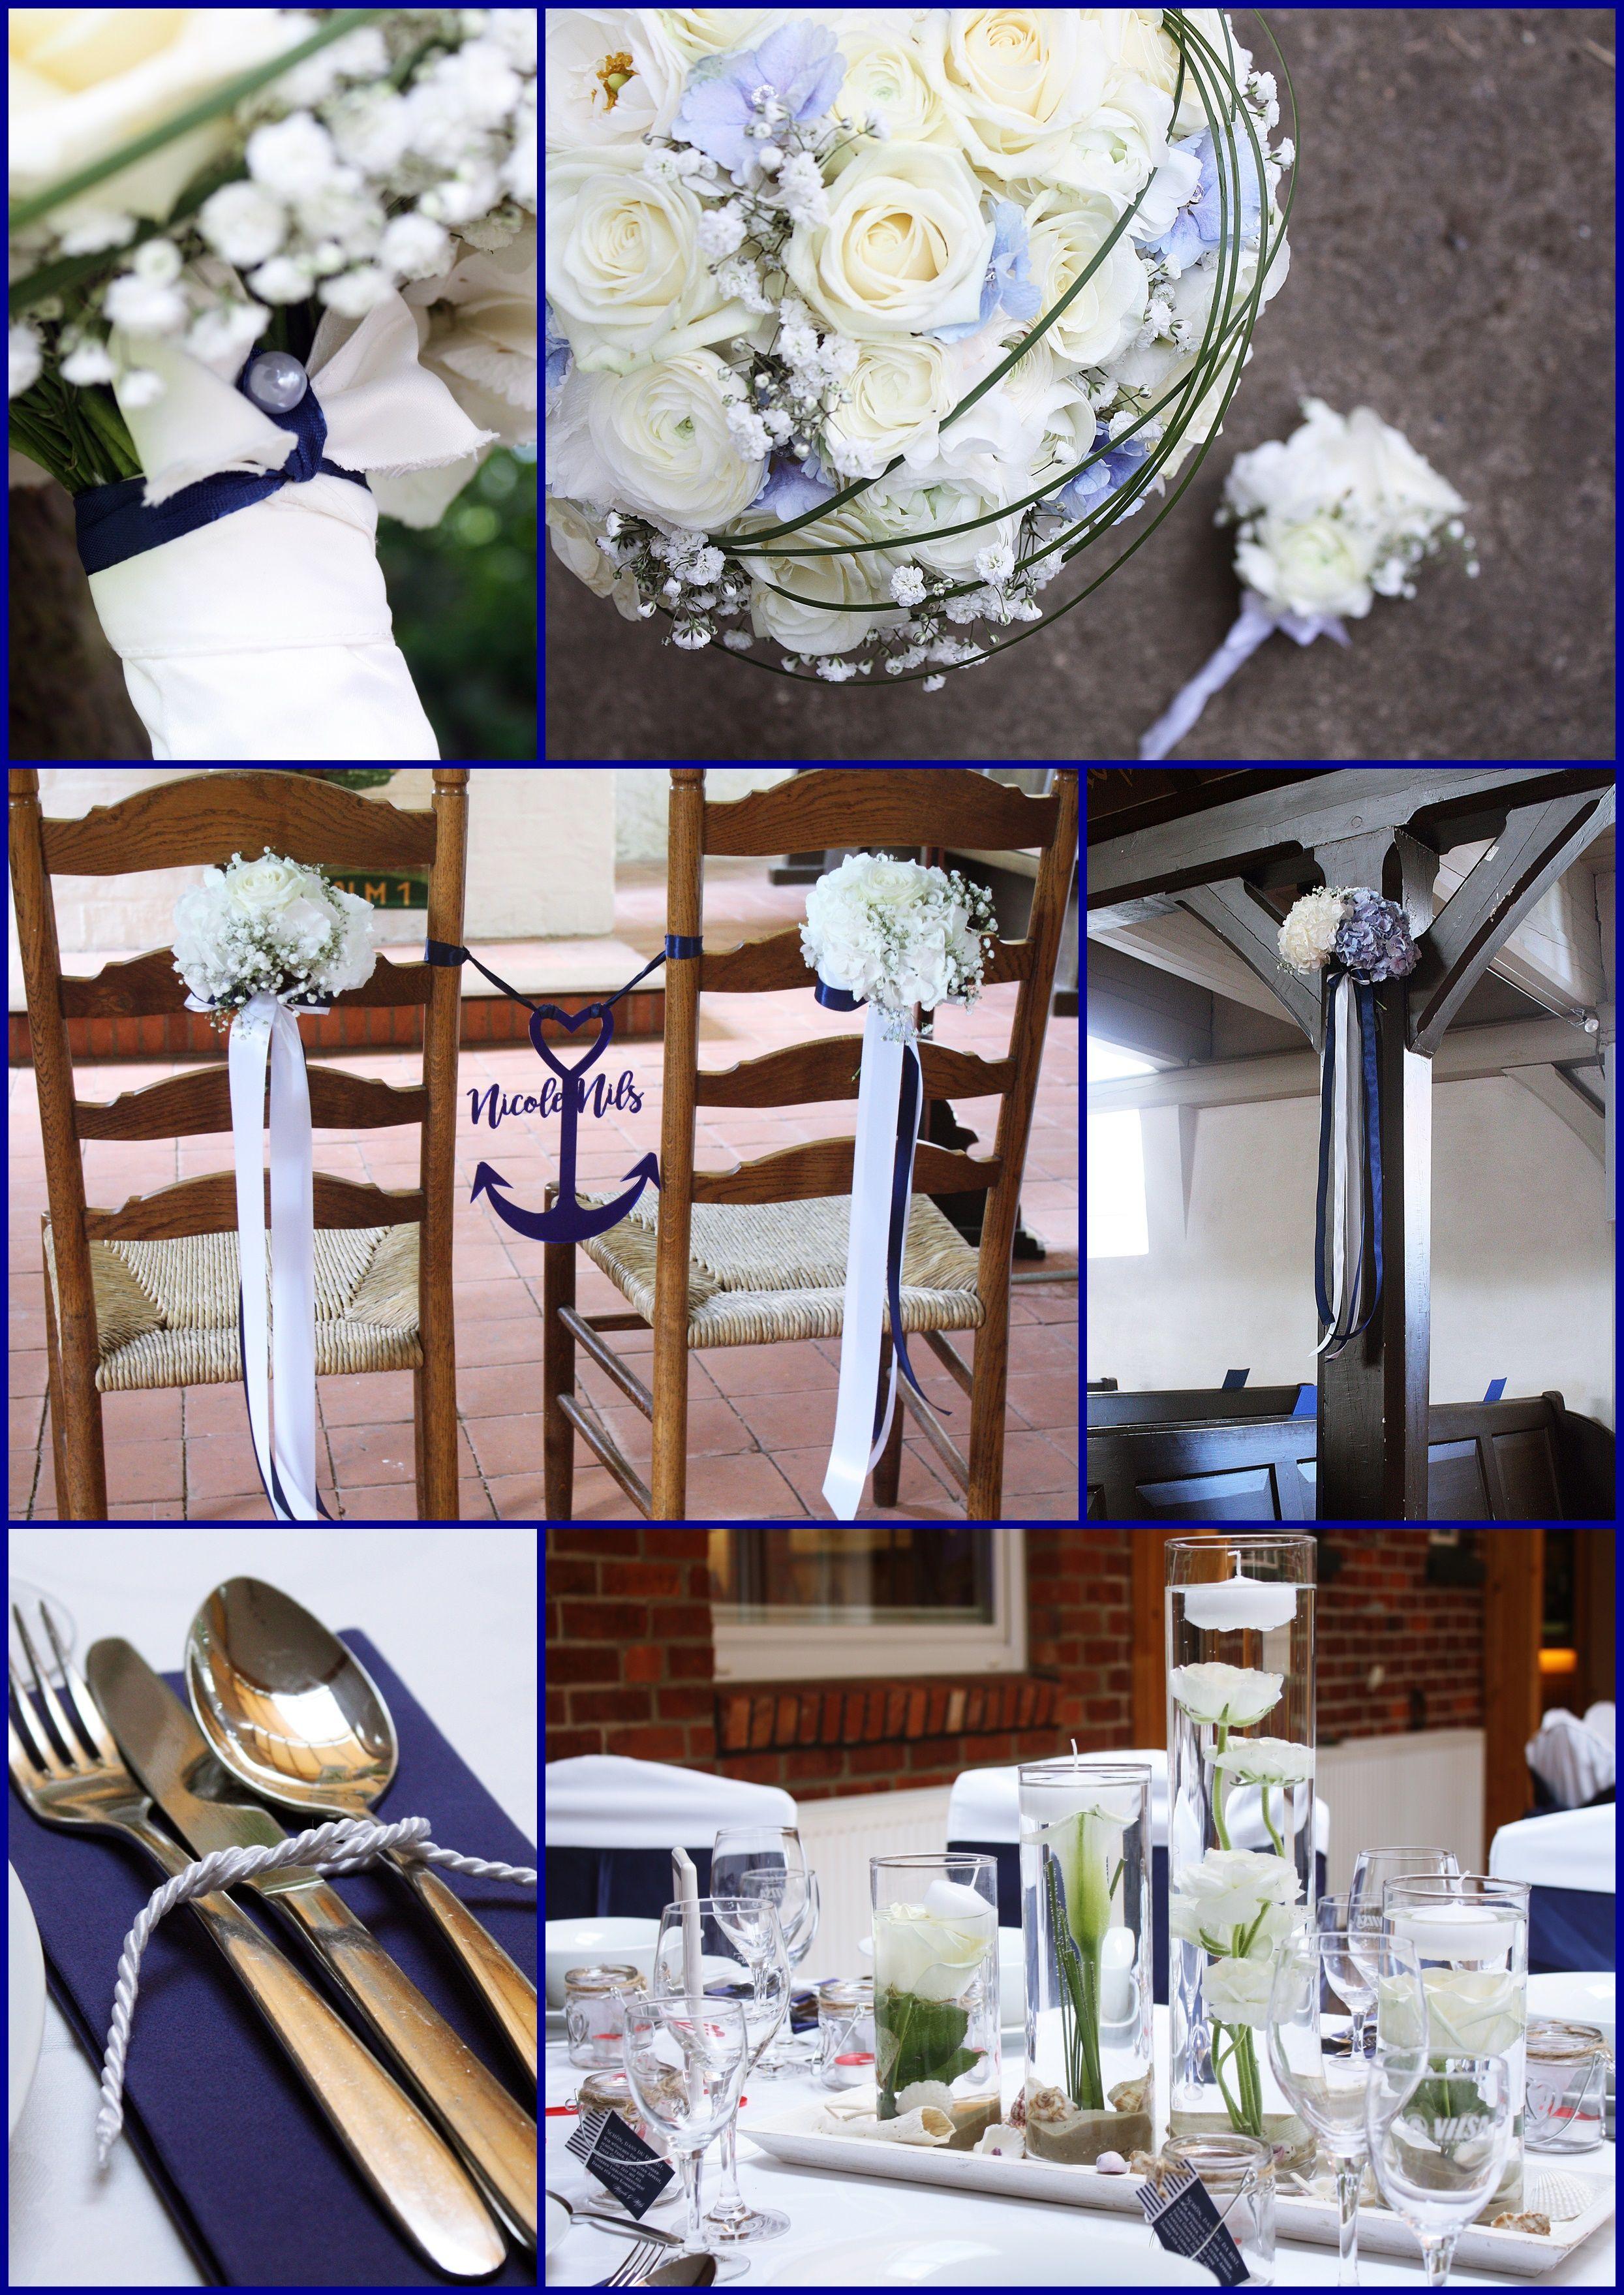 maritim blau hochzeit anker rosen hortensien servietten tau schwimmkerzen tablett muscheln perle. Black Bedroom Furniture Sets. Home Design Ideas